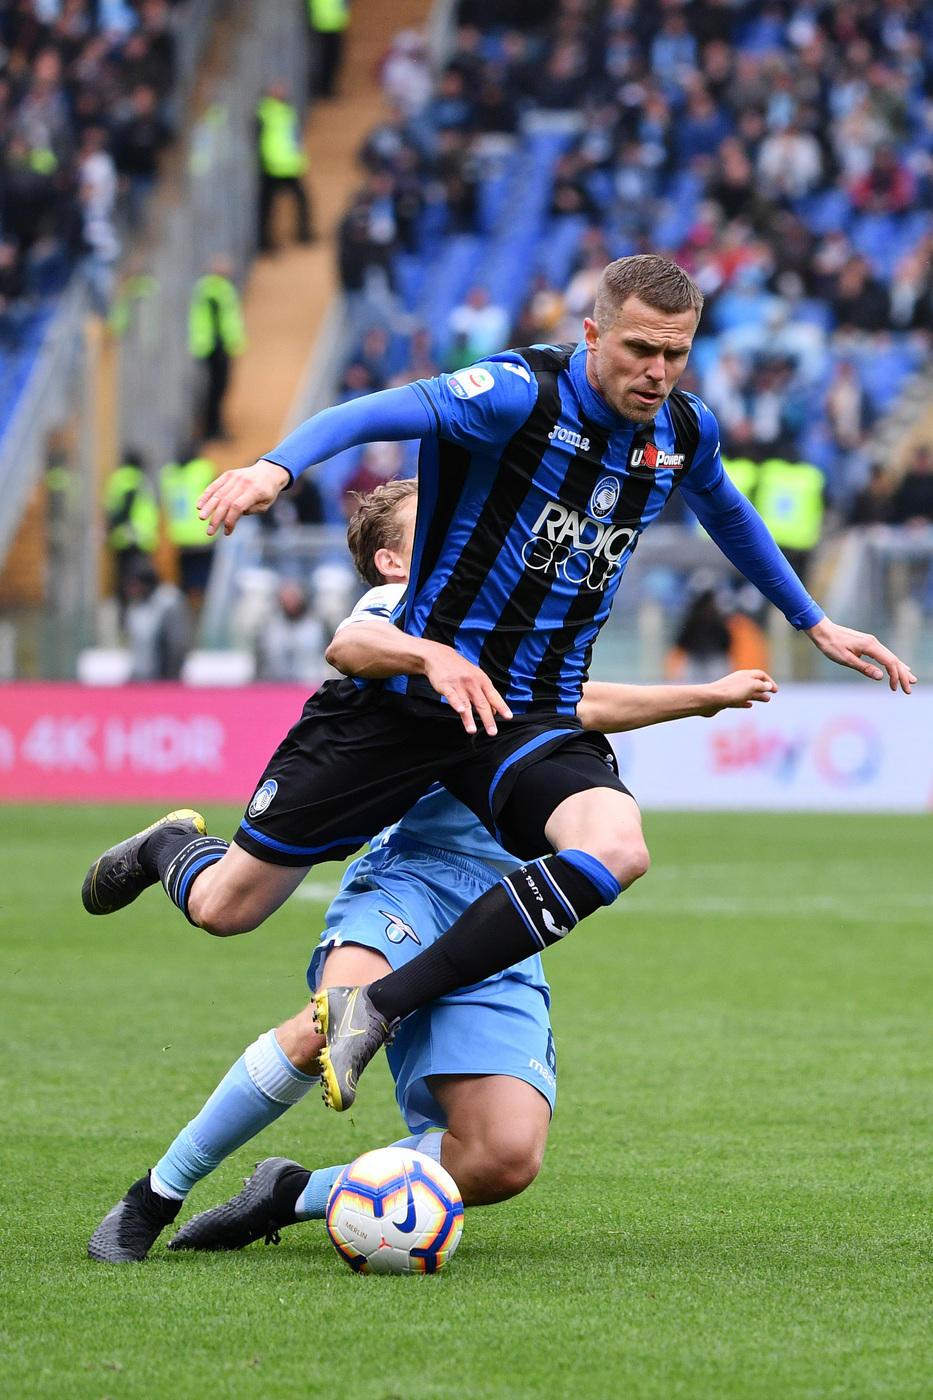 Le immagini più belle di Lazio-Atalanta 1-3